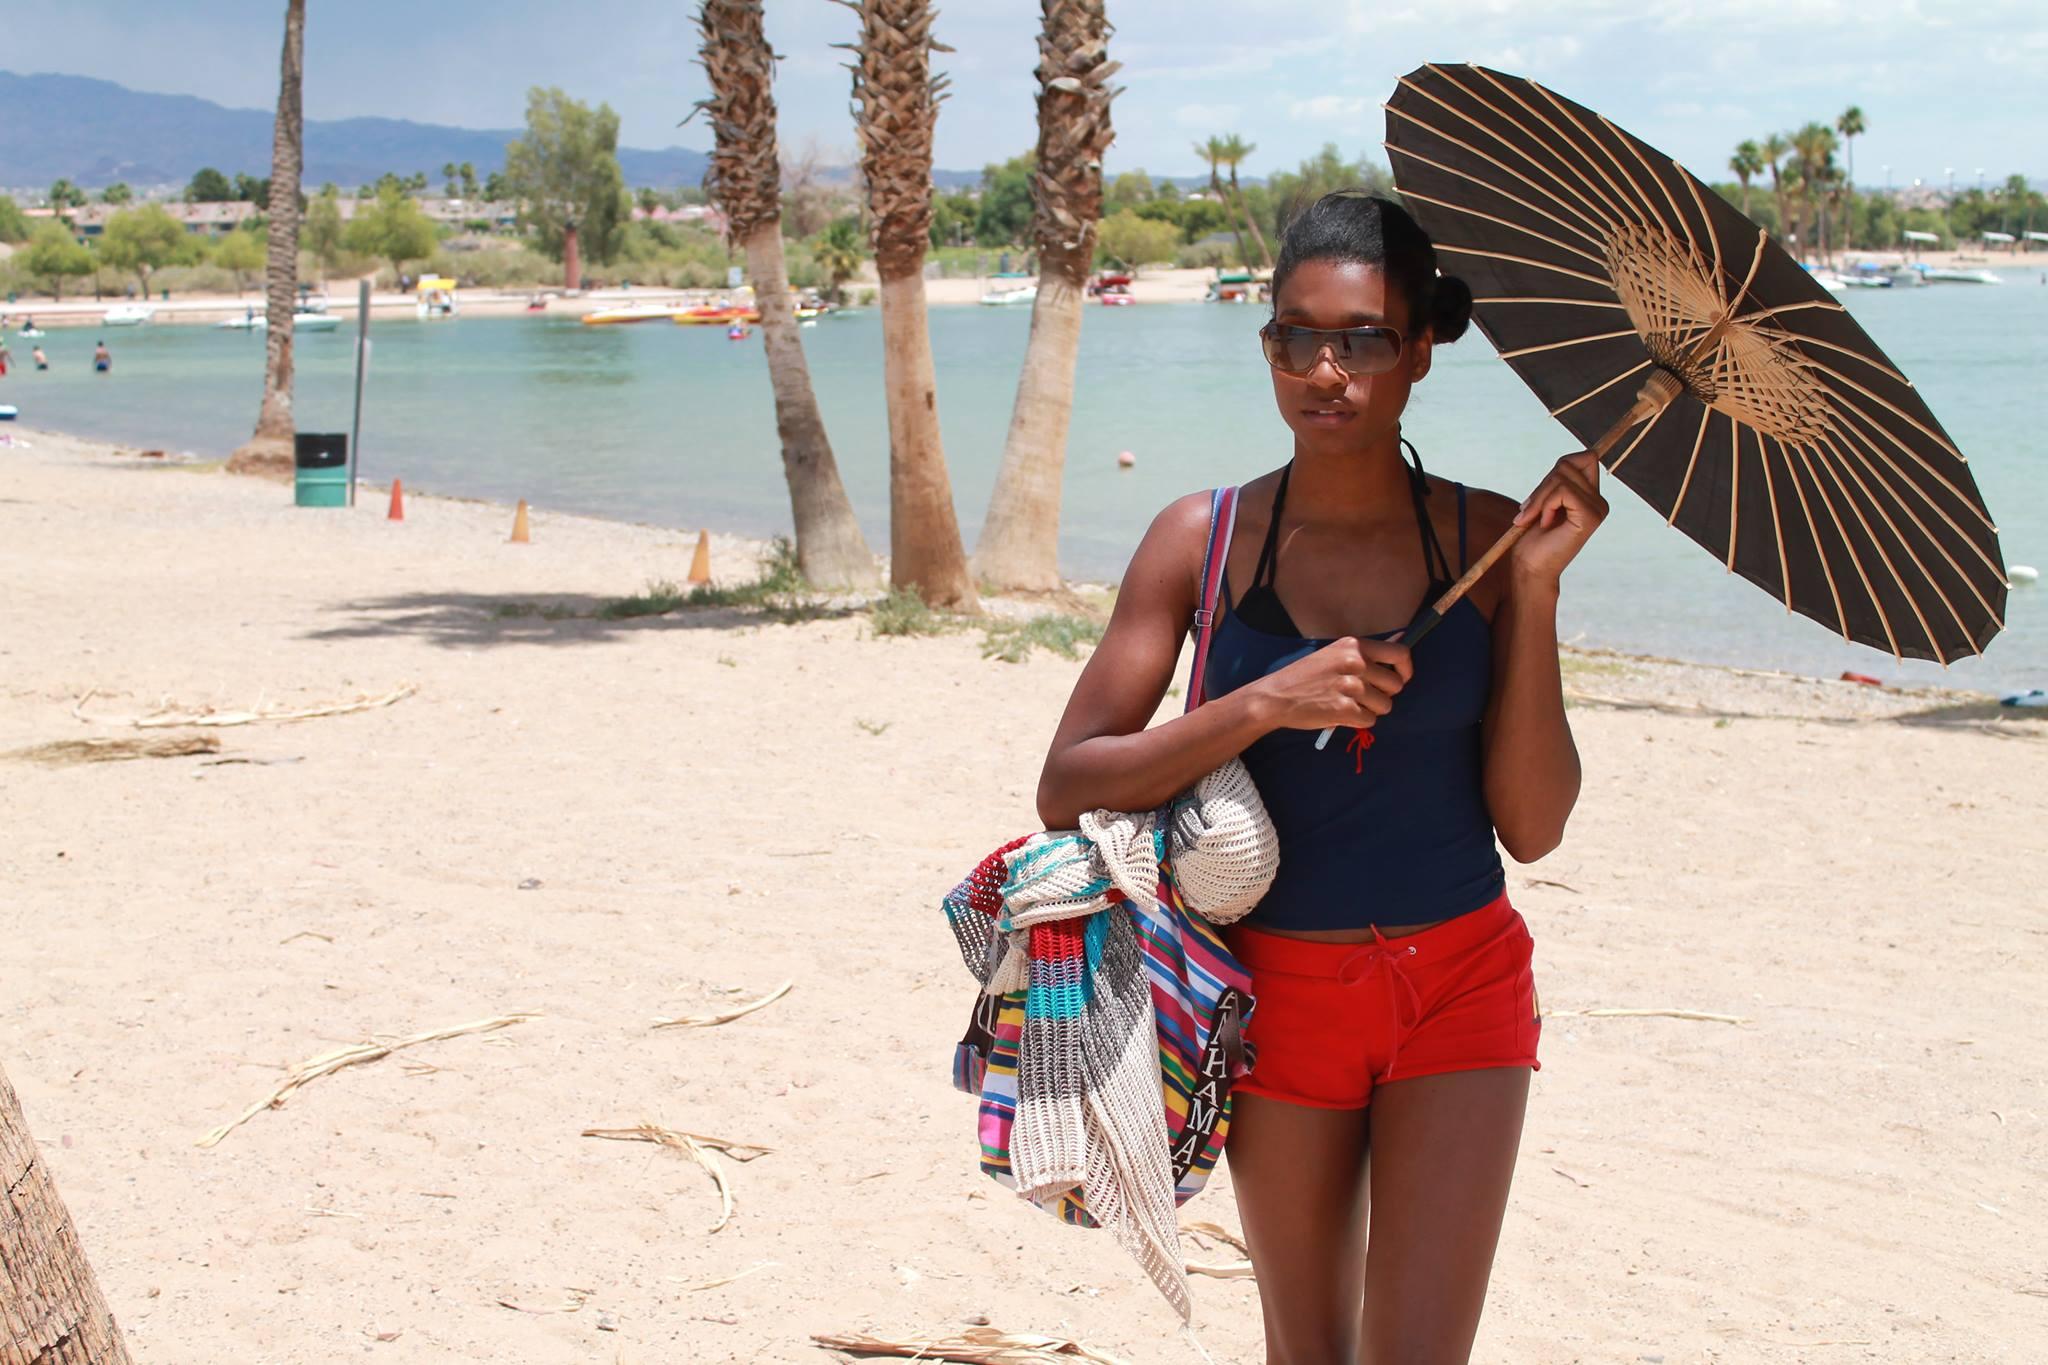 Kimberly Lola Lake Havasu 2